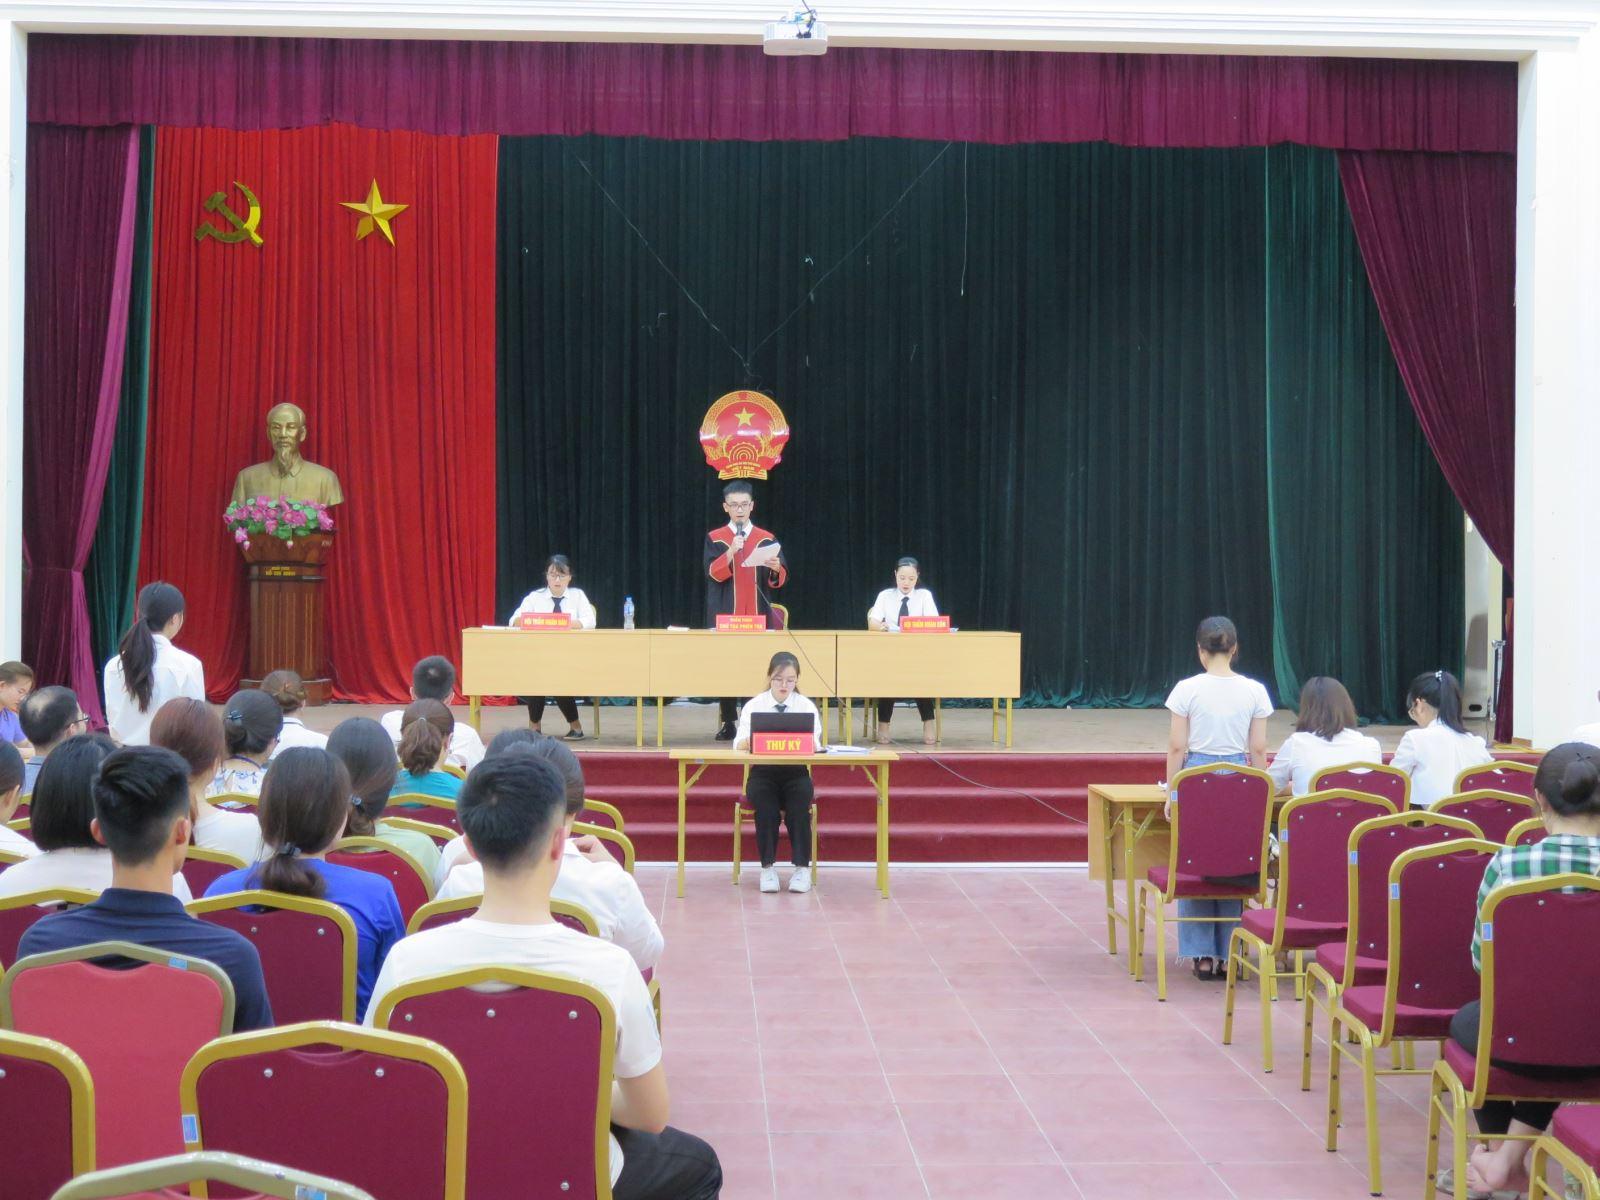 Khoa Luật, Học viện Phụ nữ Việt Nam - Đào tạo lý thuyết gắn với thực hành